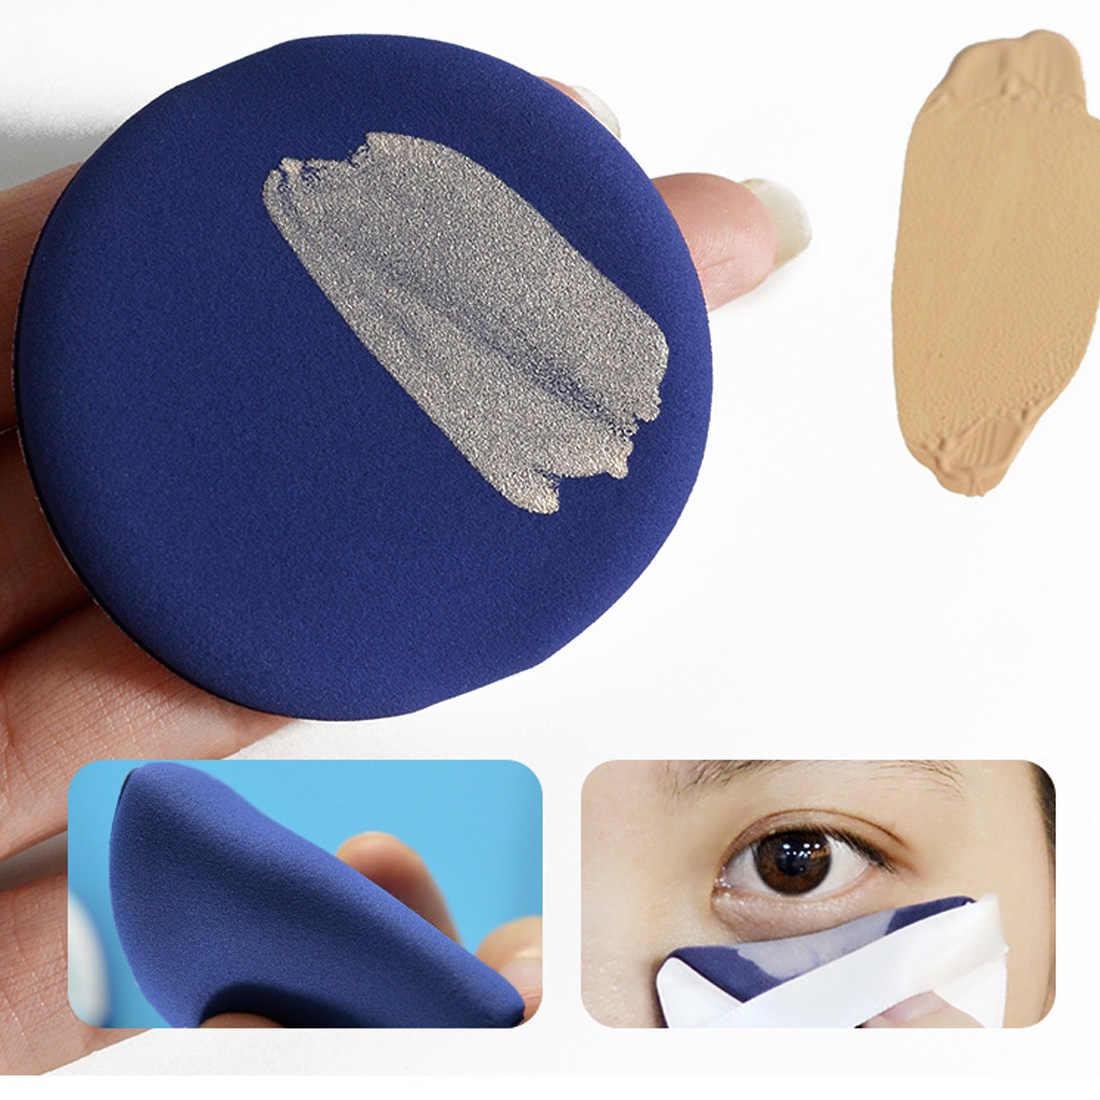 Flawless Suave Facial Powder Puff Cosméticos Esponja Macia Maquiagem Fundação BB Creme de Beleza Coreano Estilo Almofada de Ar Sopro